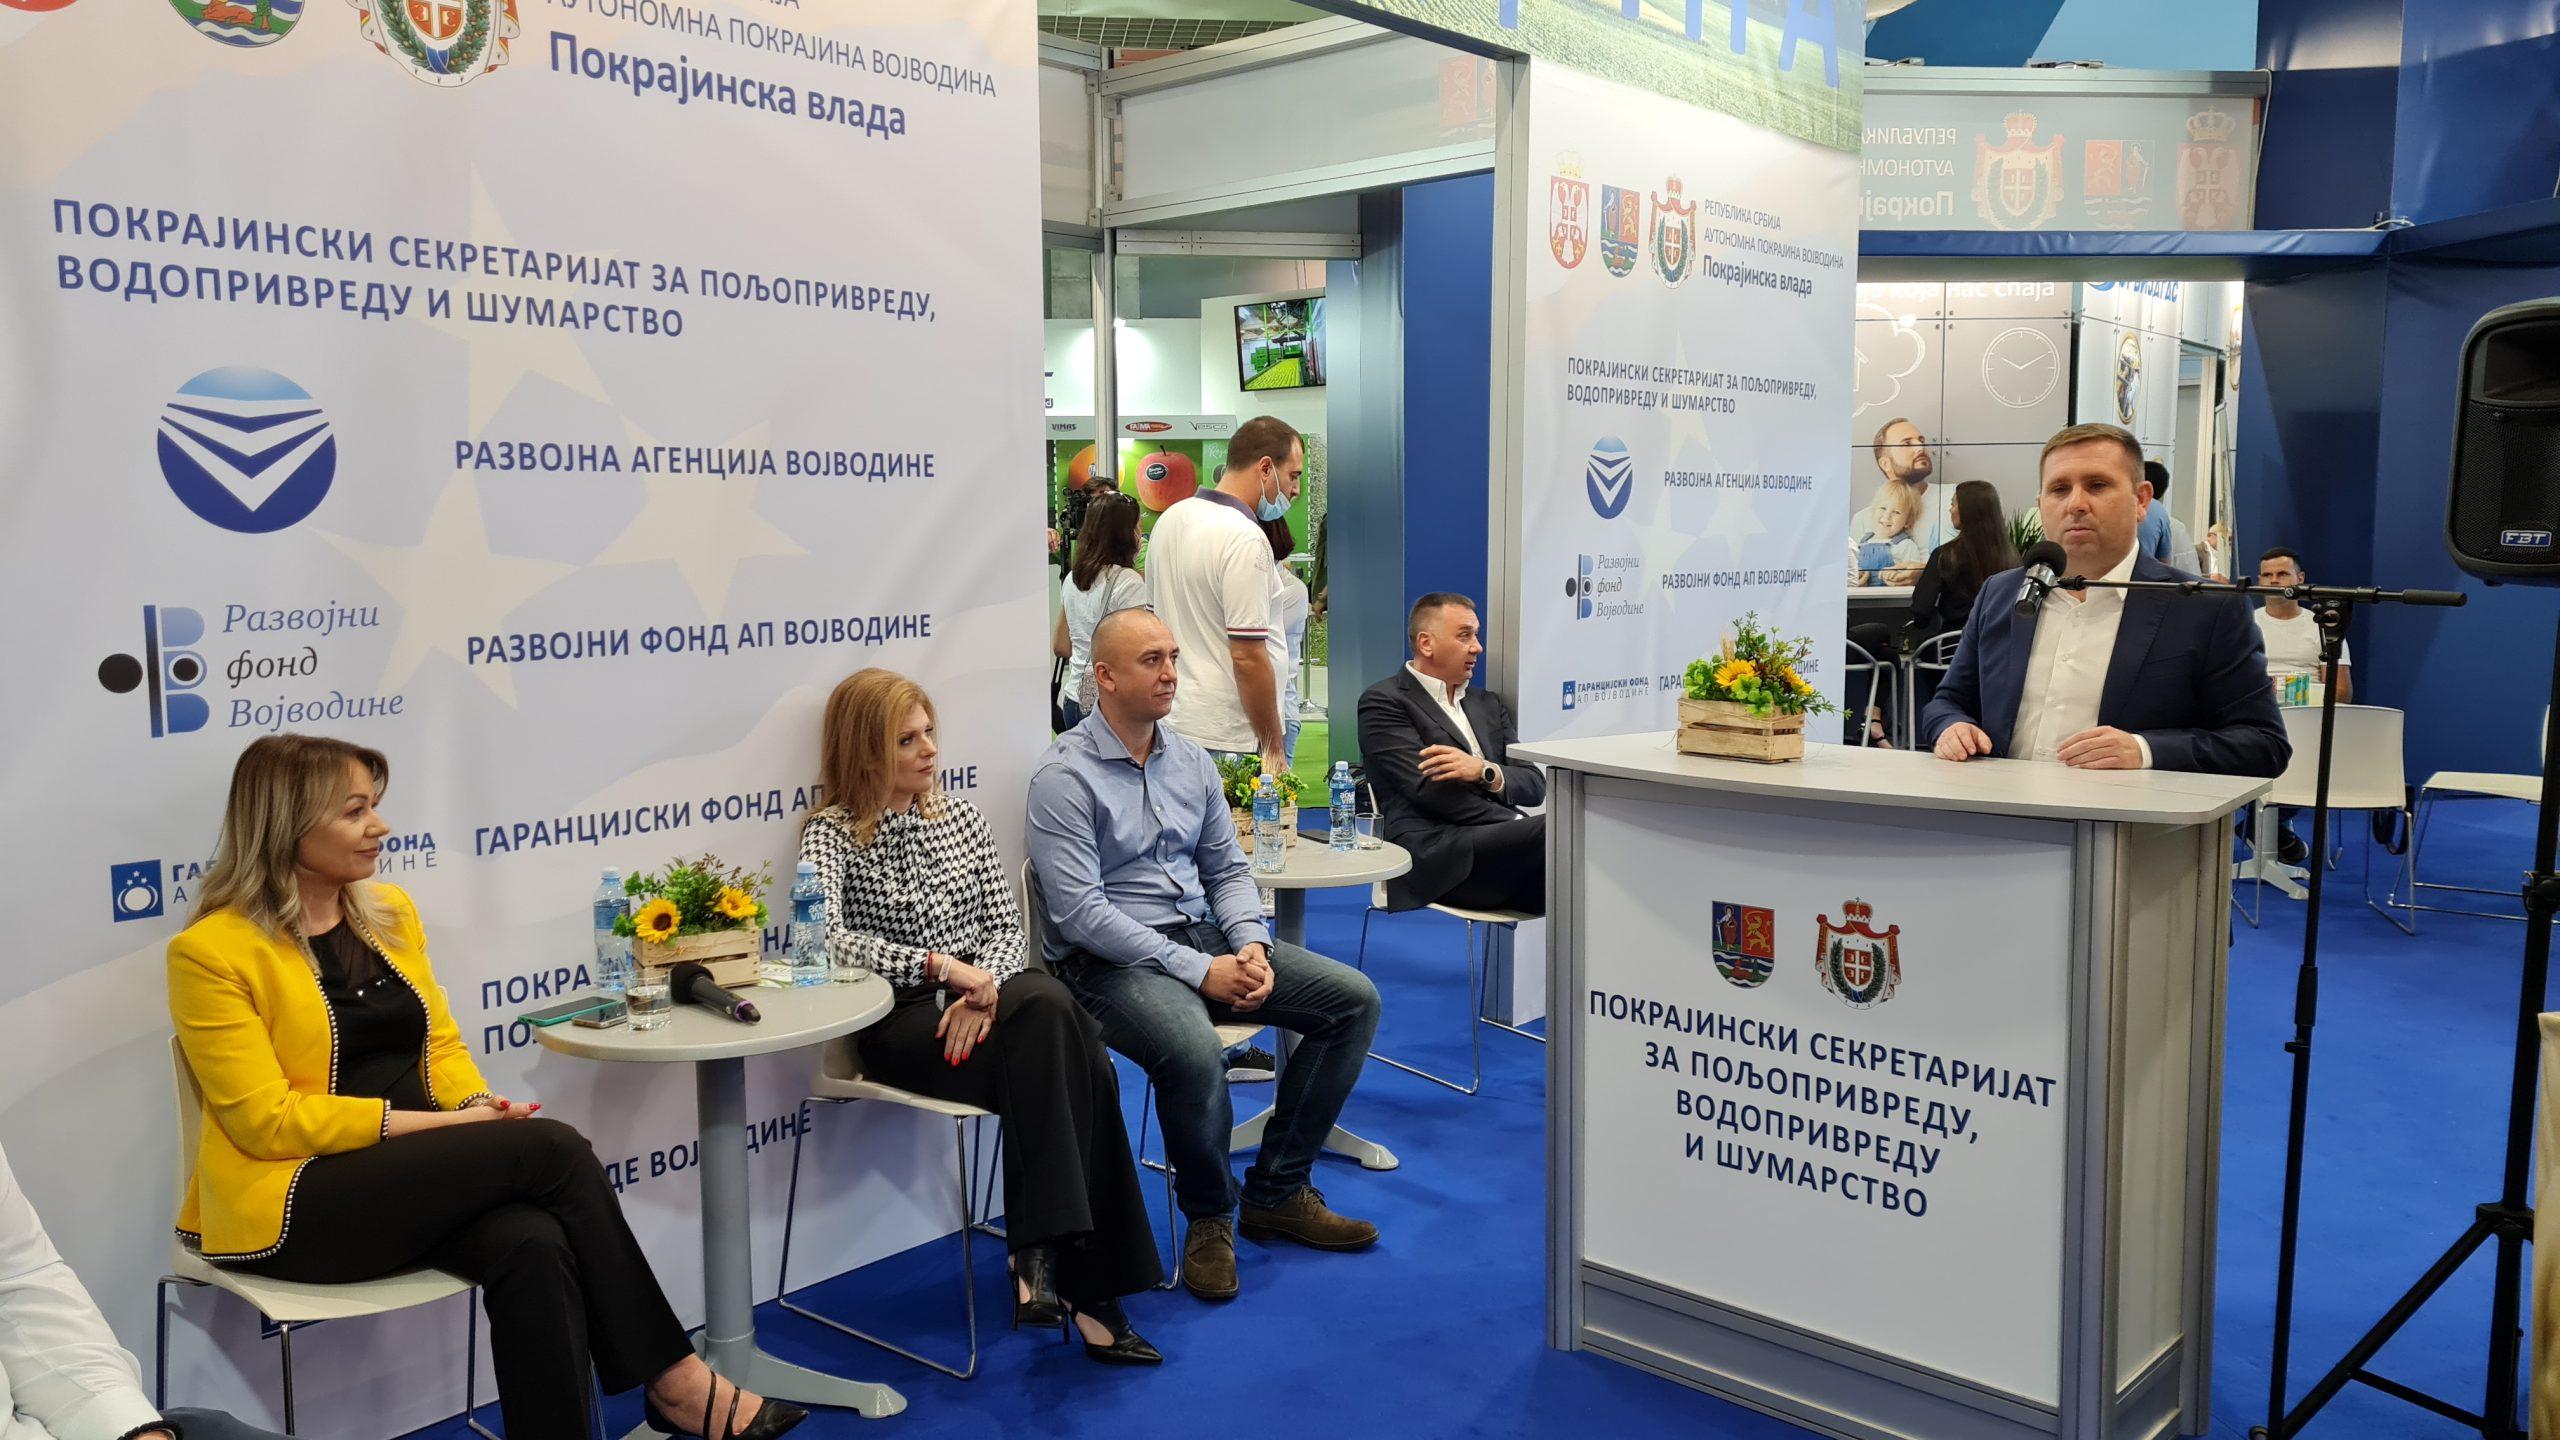 Млади пољопривредници у Србији и у ЕУ